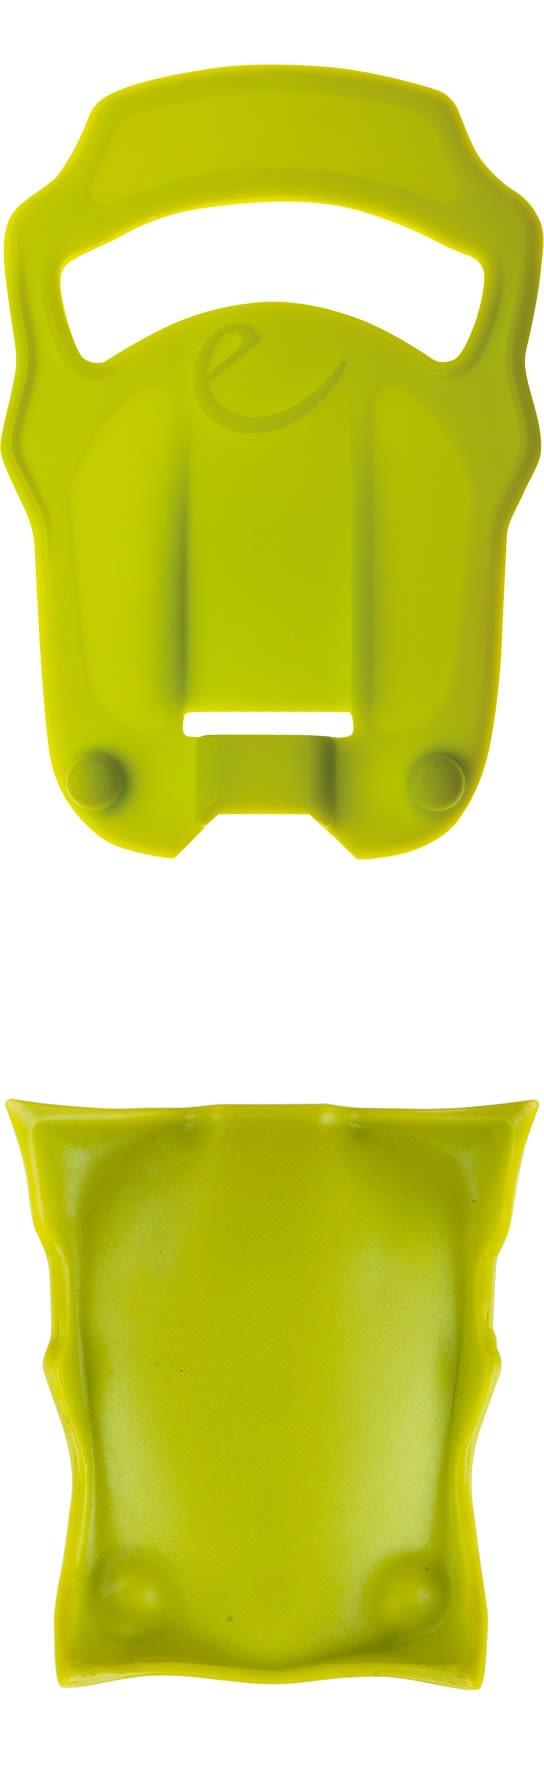 Edelrid Anti Beast | Größe One Size |  Steigeisen